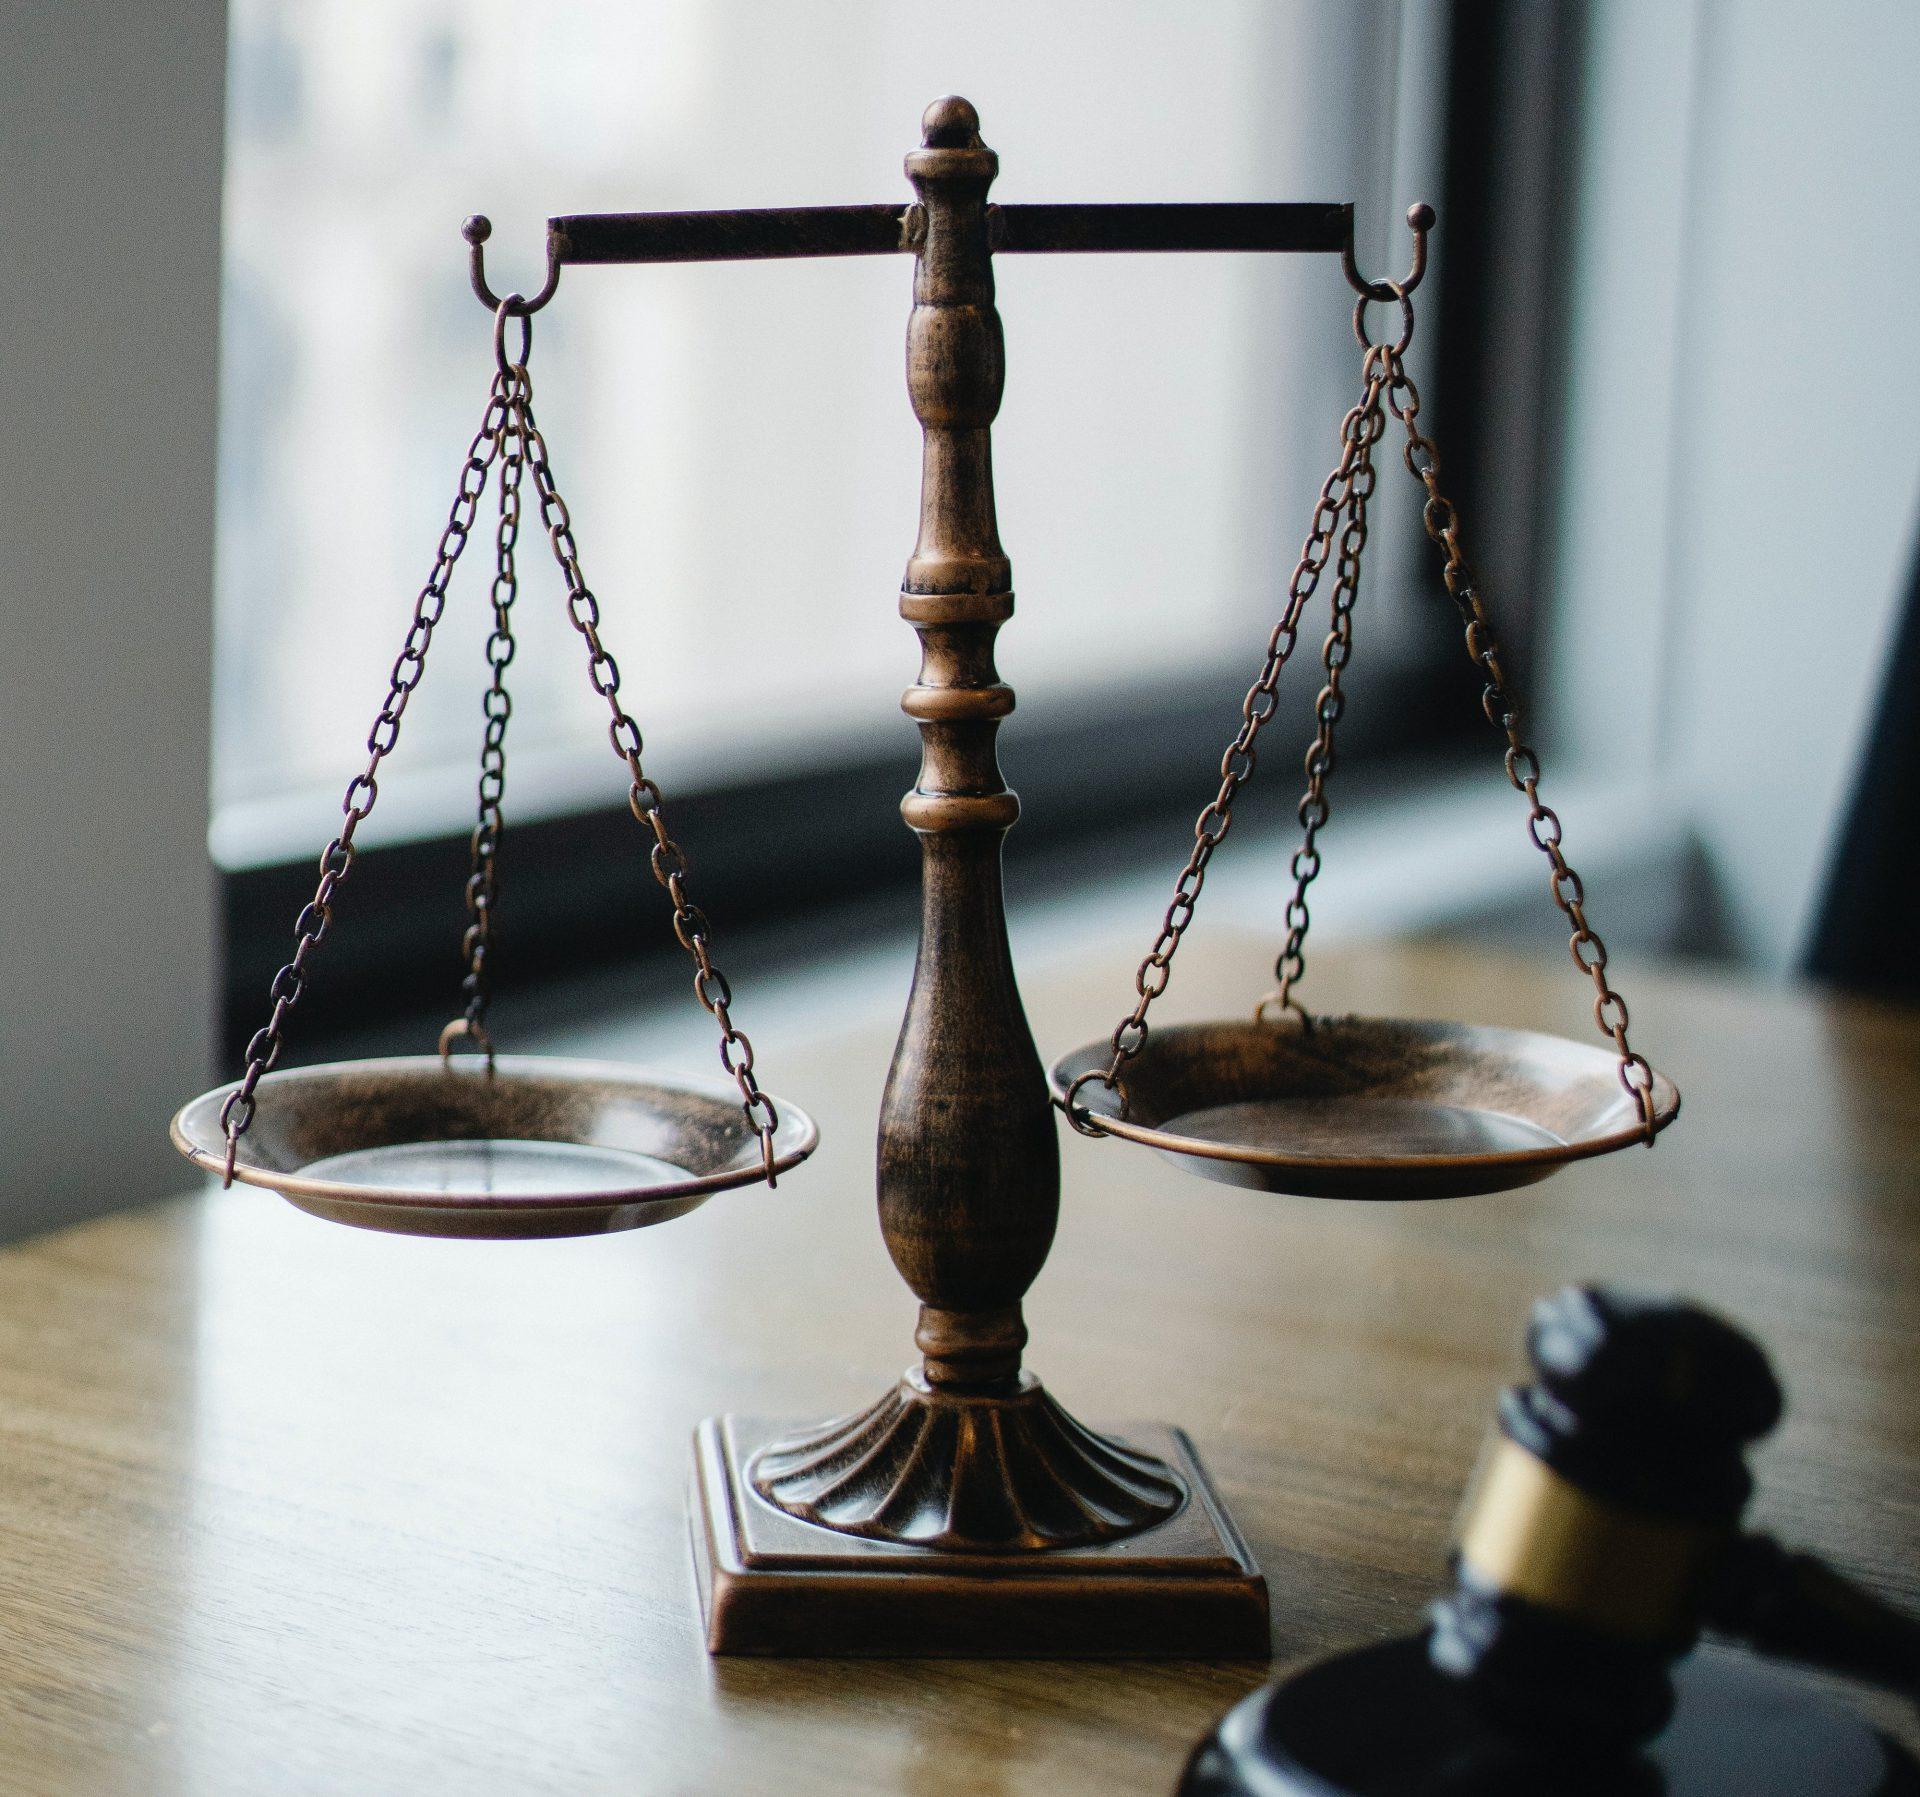 Bestuursrecht-law